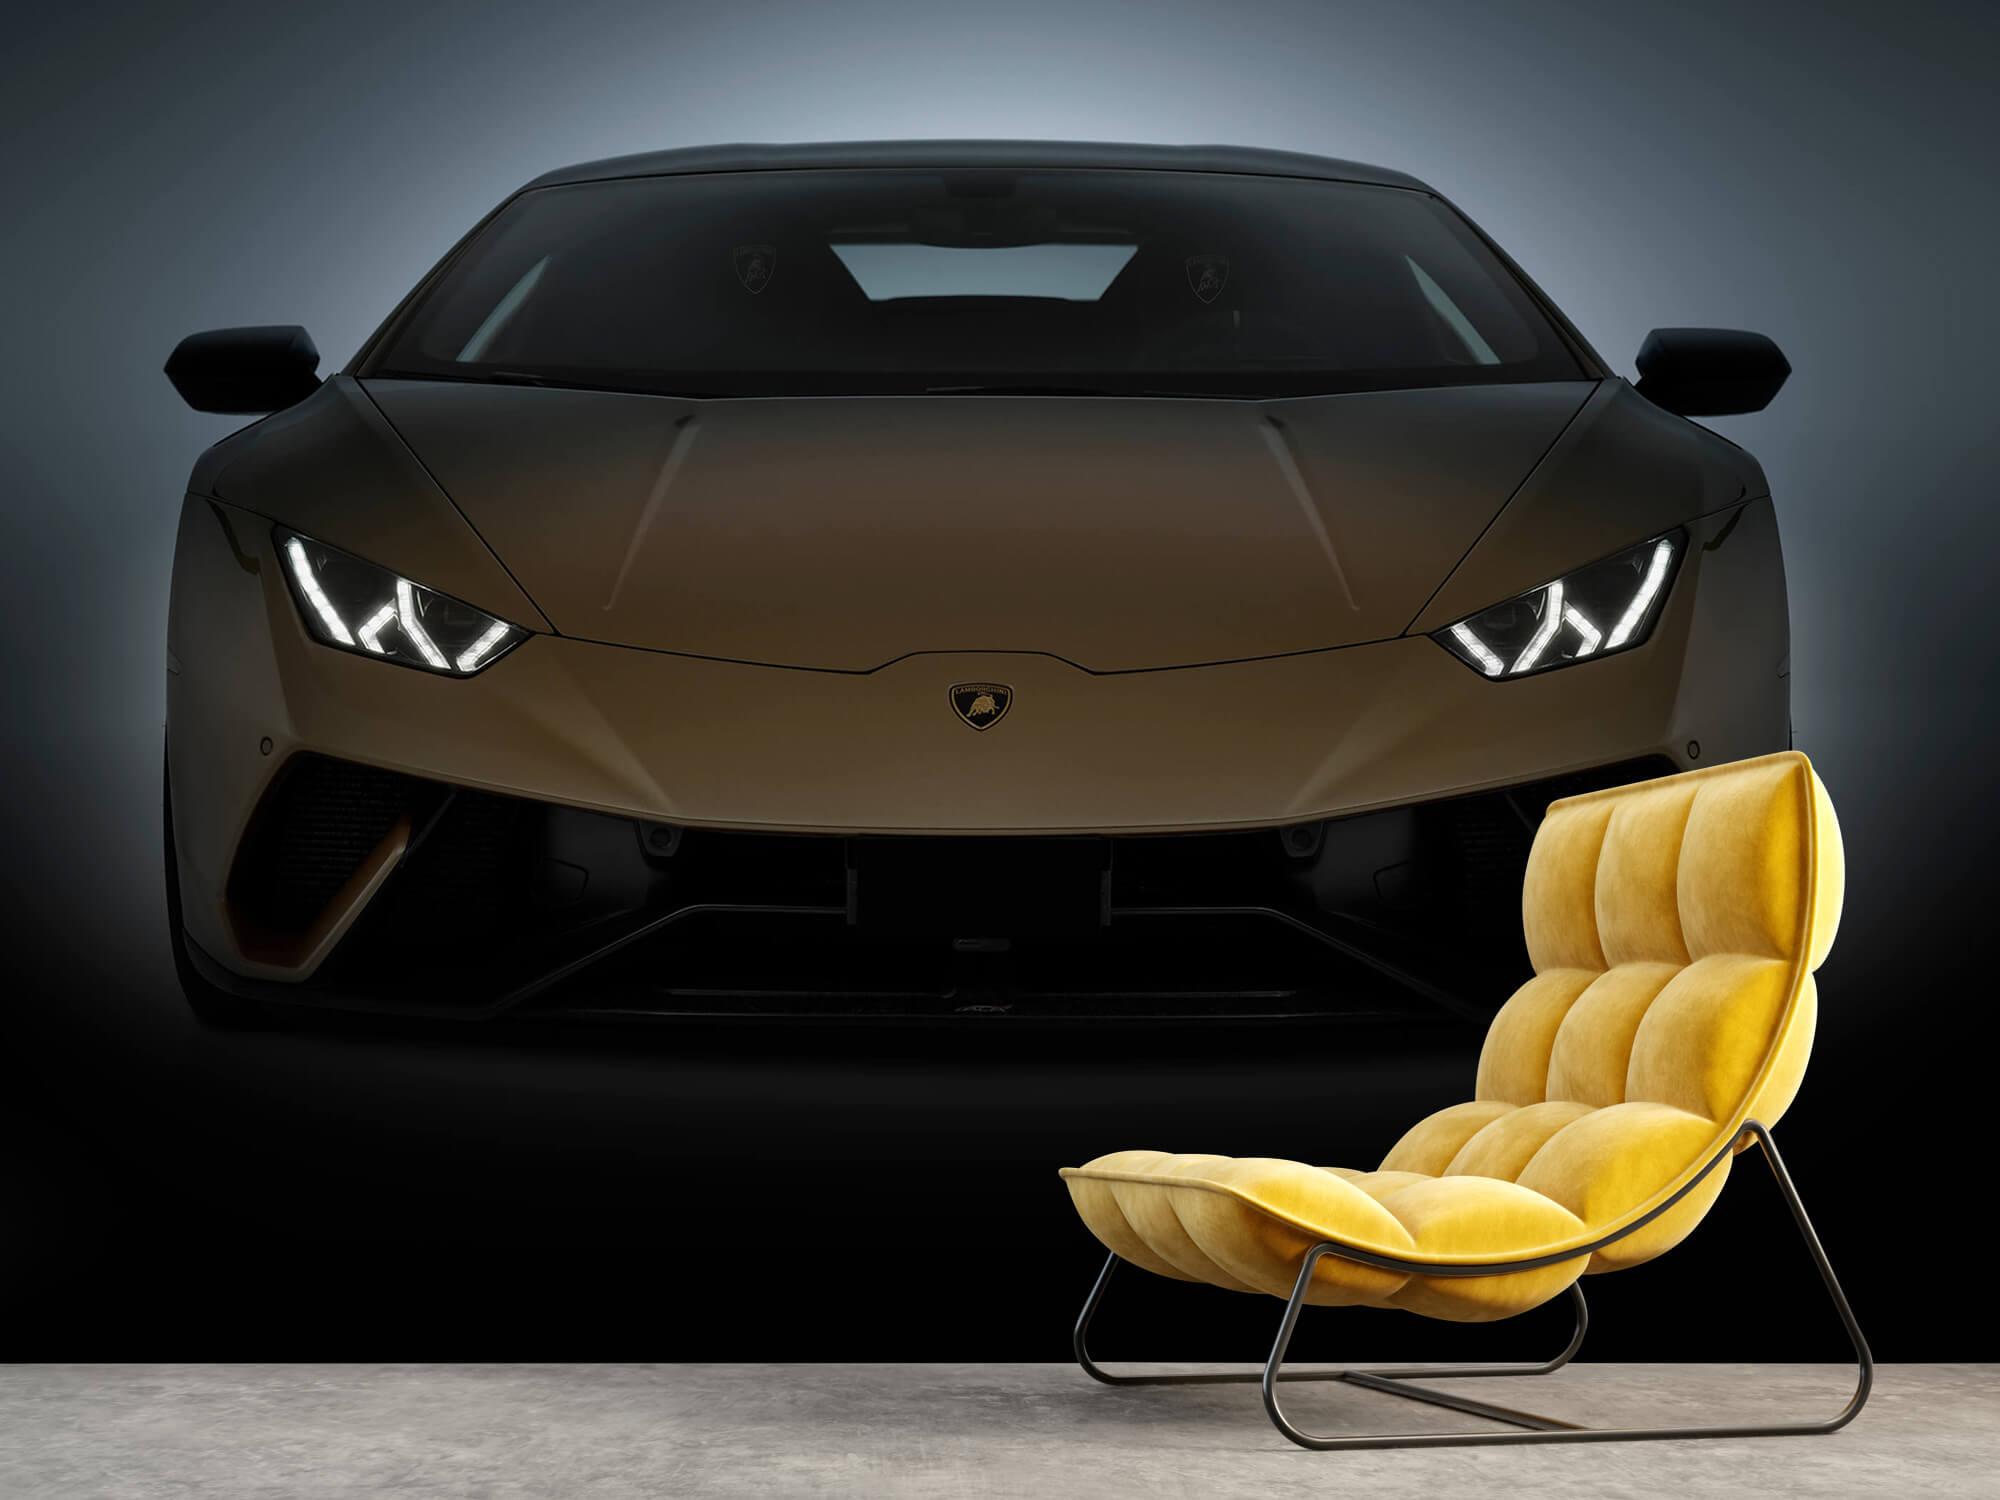 Wallpaper Lamborghini Huracán - Front Side 6